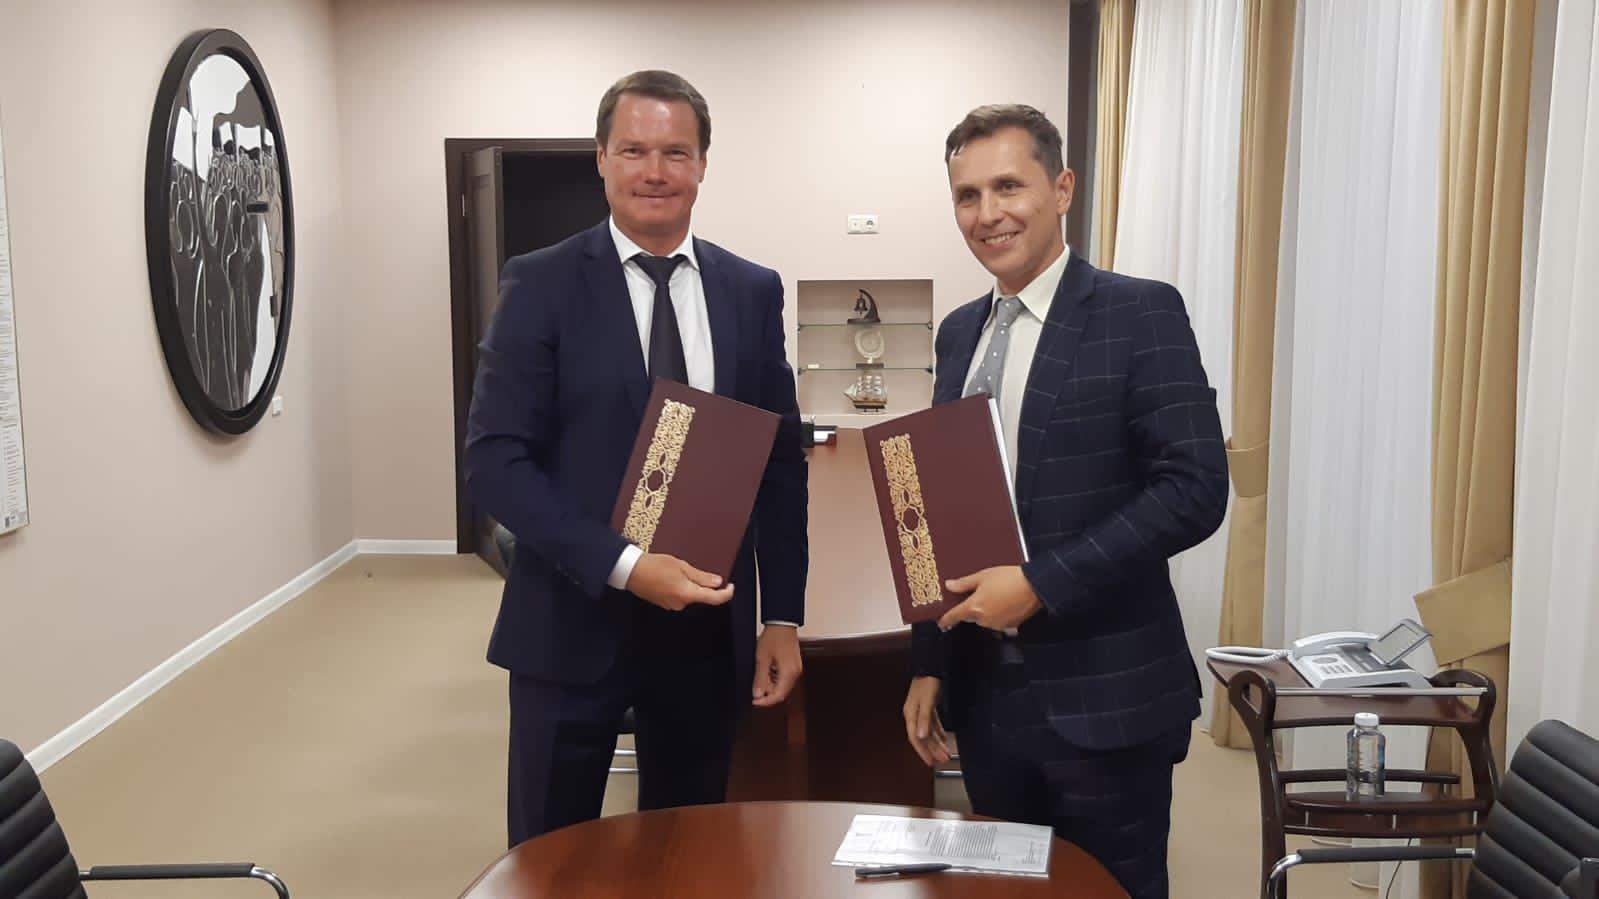 Ярославская область и Республика Казахстан развивают экономическое сотрудничество